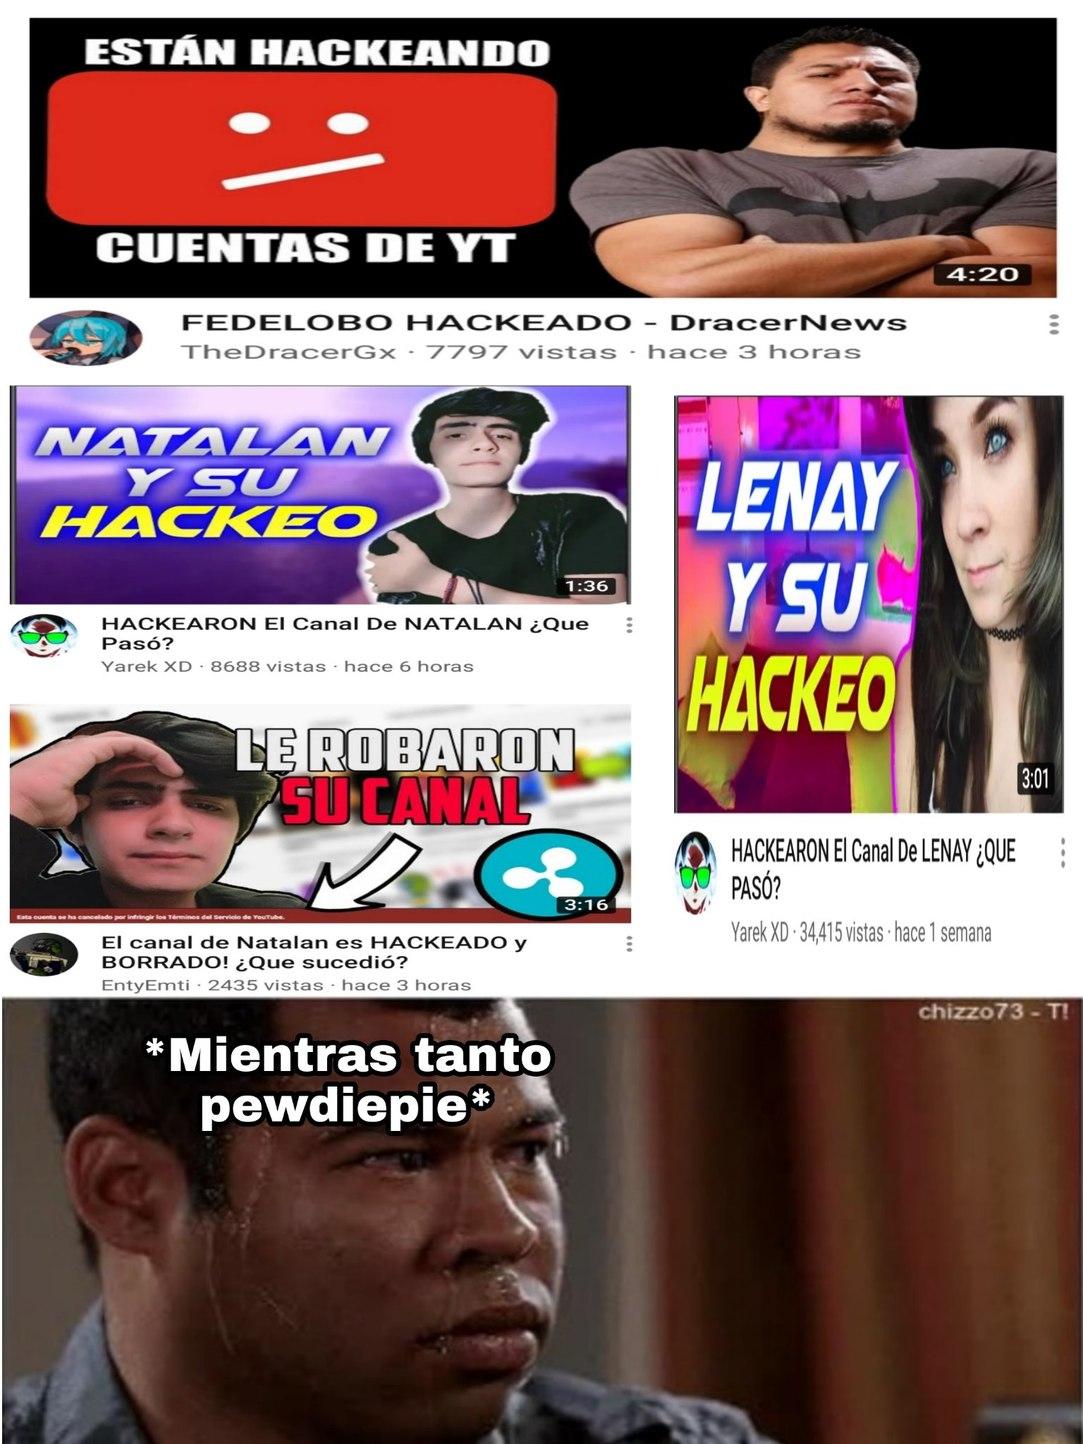 Al parecer hay más casos de hackeos en YouTube, ojalá todo se solucione - meme